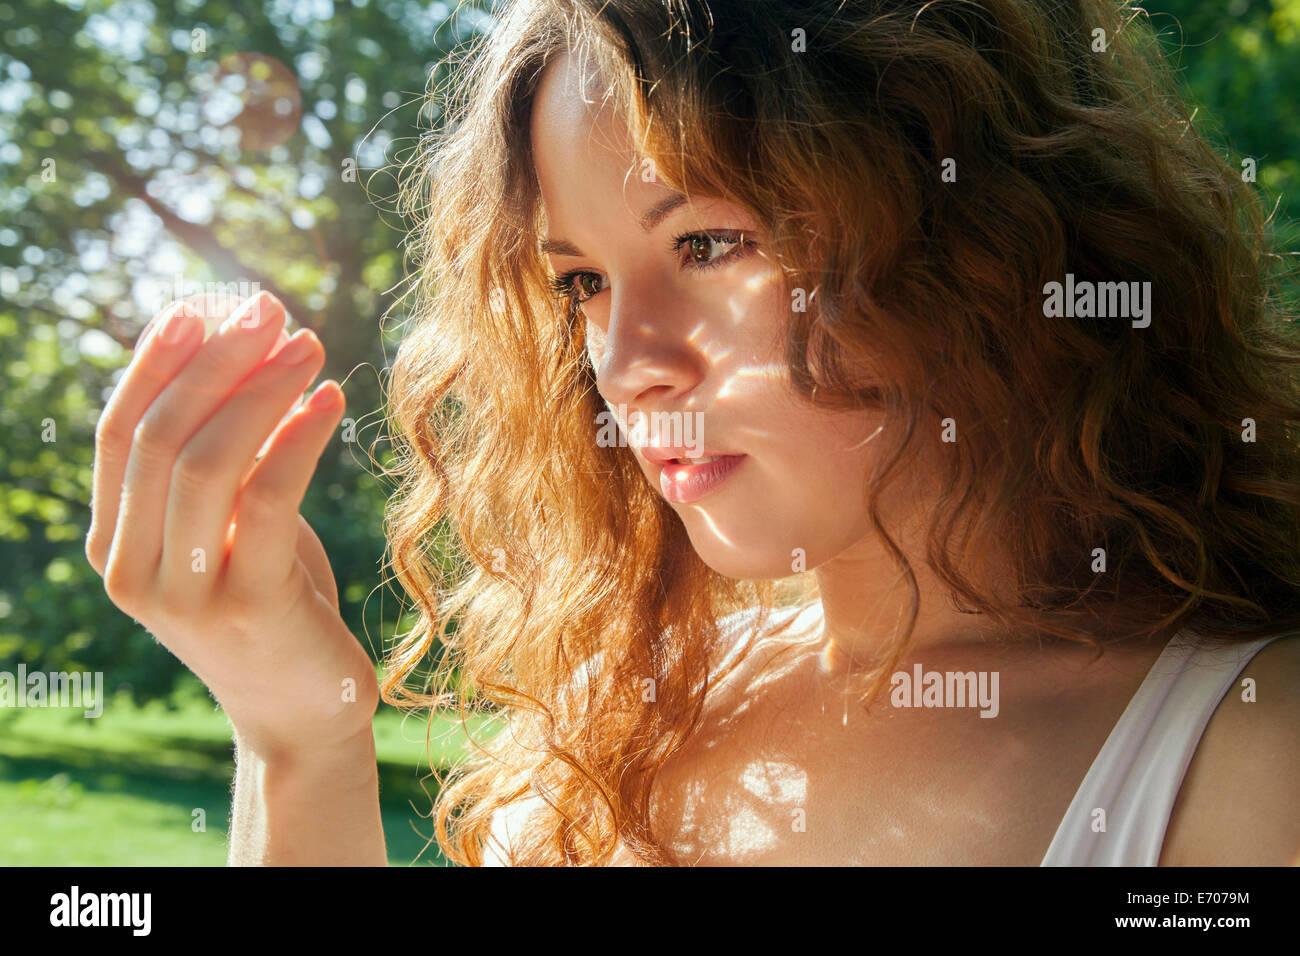 Porträt der jungen Frau blickte auf etwas in der hand glühend Stockbild